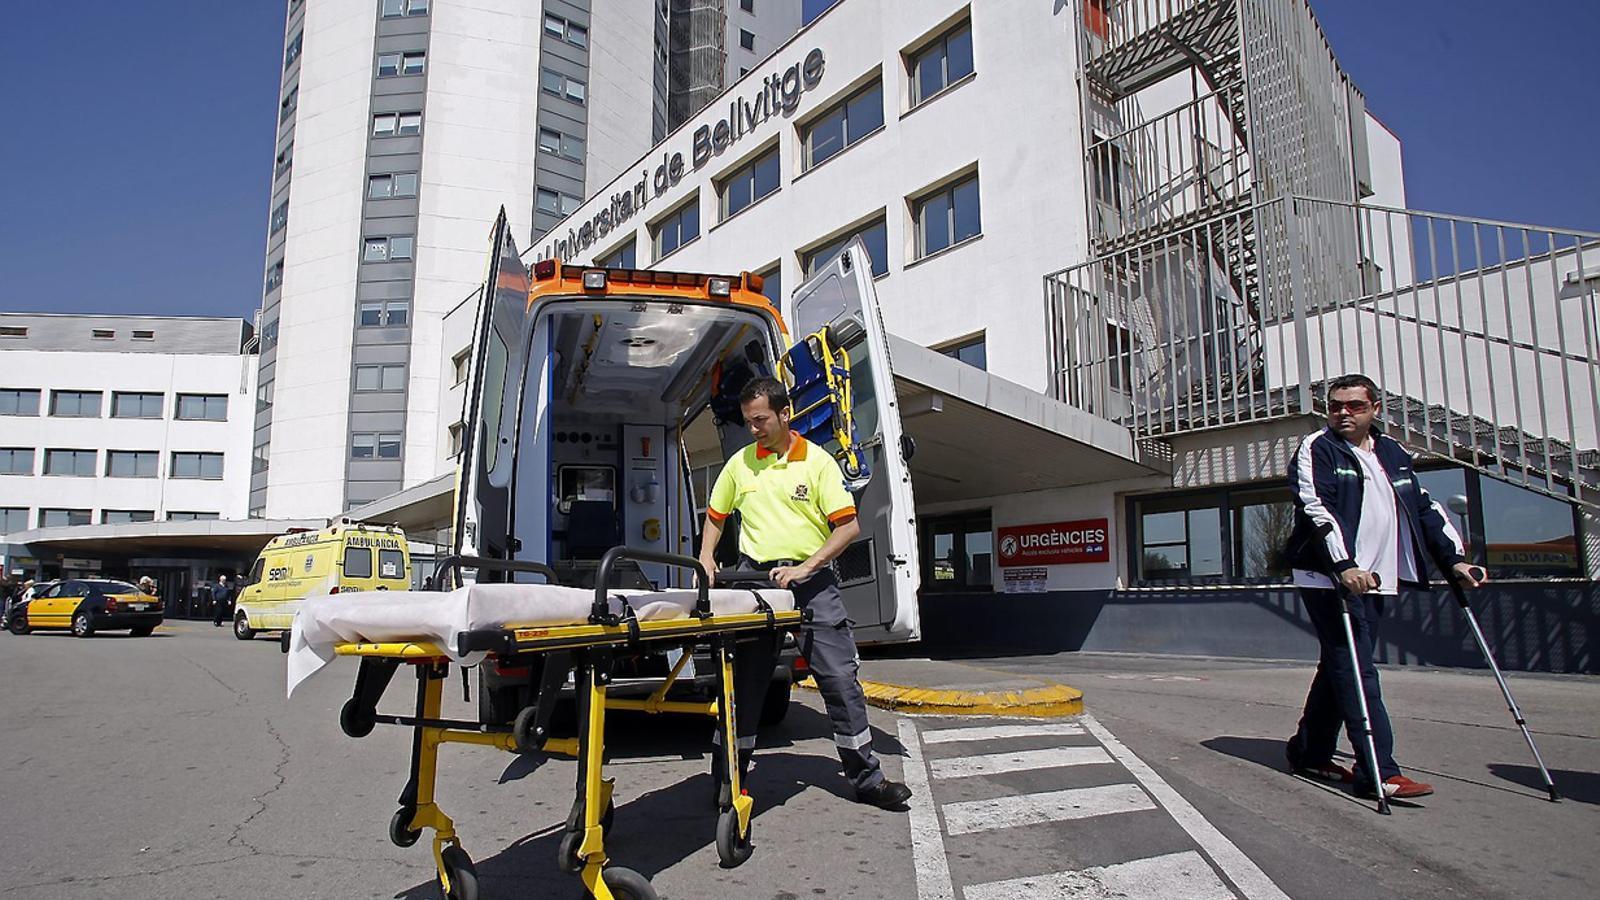 UN ANY DESPRÉS DE LES PROTESTES   Els hospitals públics preveuen tancar aquest estiu 1.800 llits, 225 menys que l'any passat. L'estiu del 2014 van produir-se protestes als principals centres, com la Vall d'Hebron i Bellvitge (a la imatge) pel suposat col·lapse de les urgències.